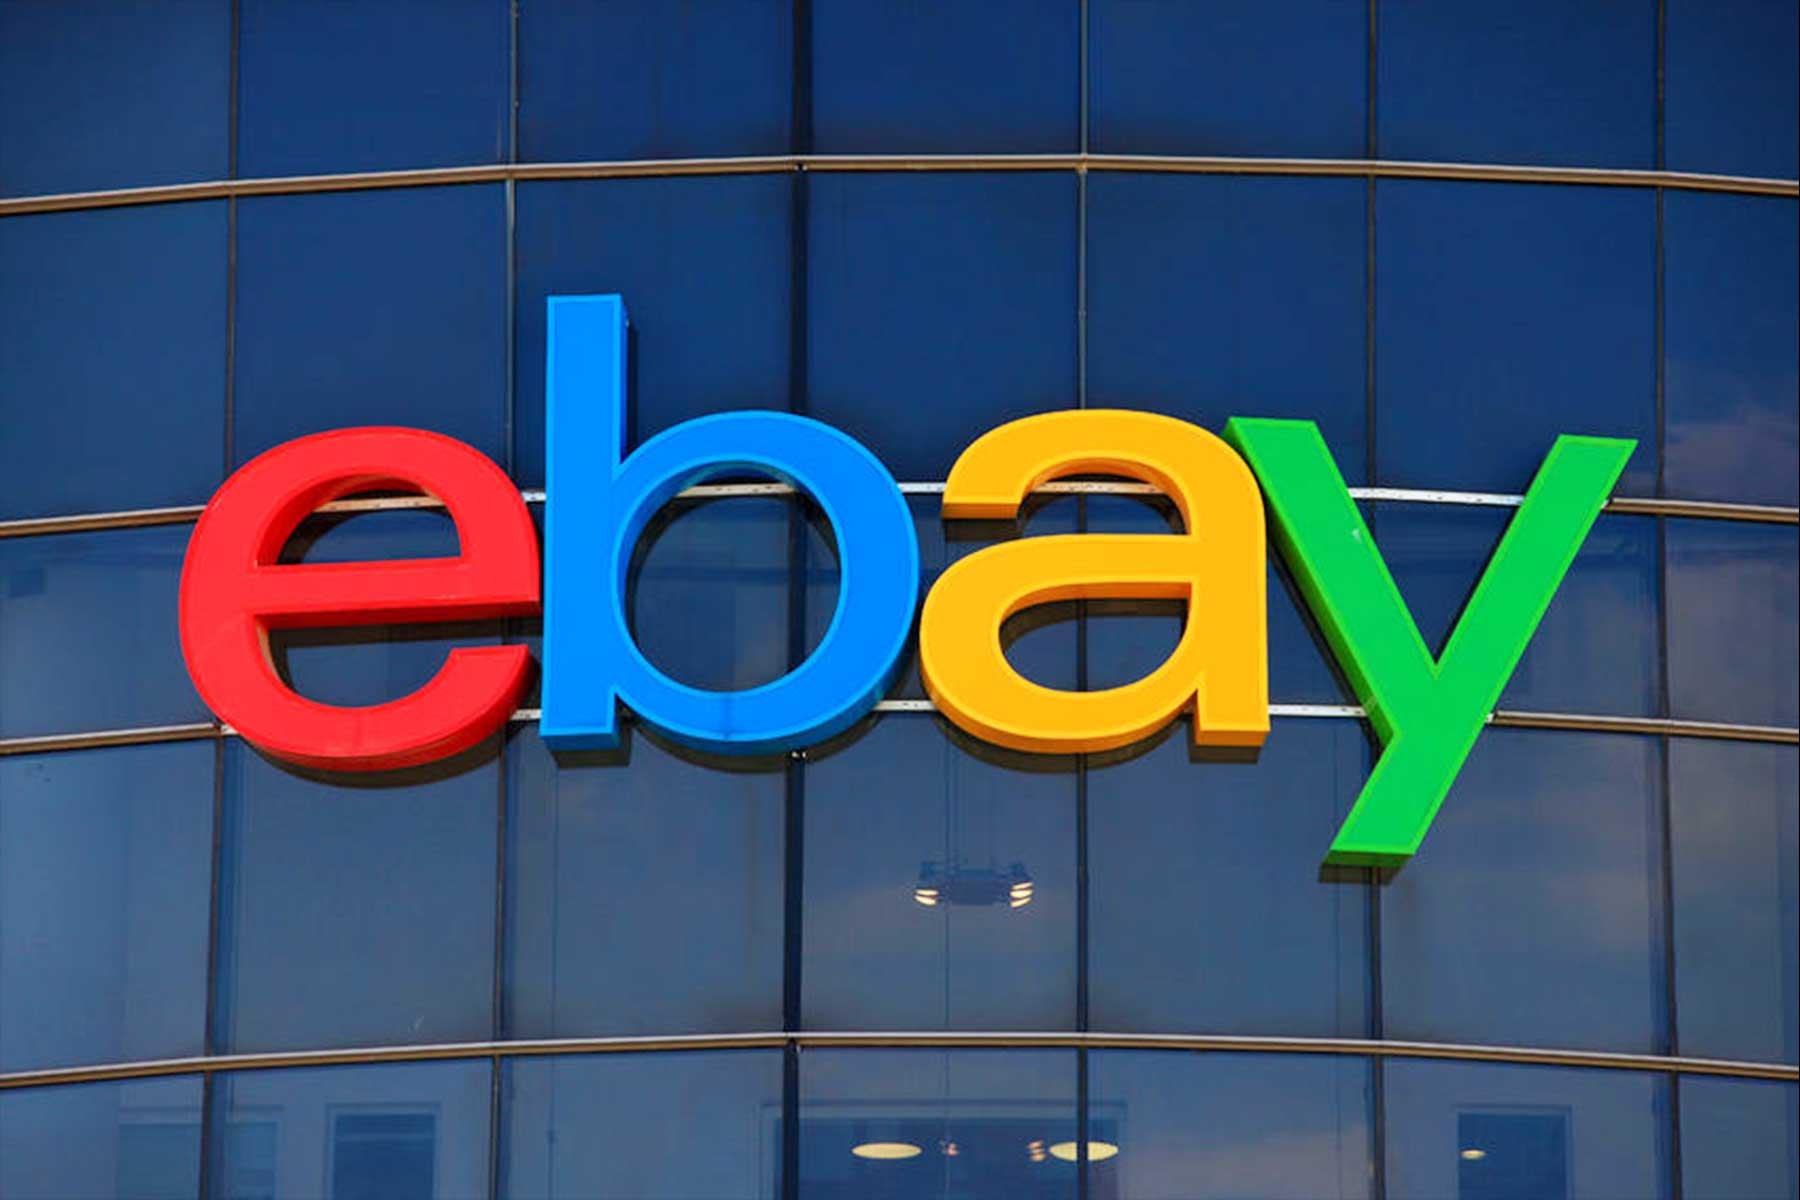 เริ่มต้นประกาศขายสินค้าบน eBay Ep.1